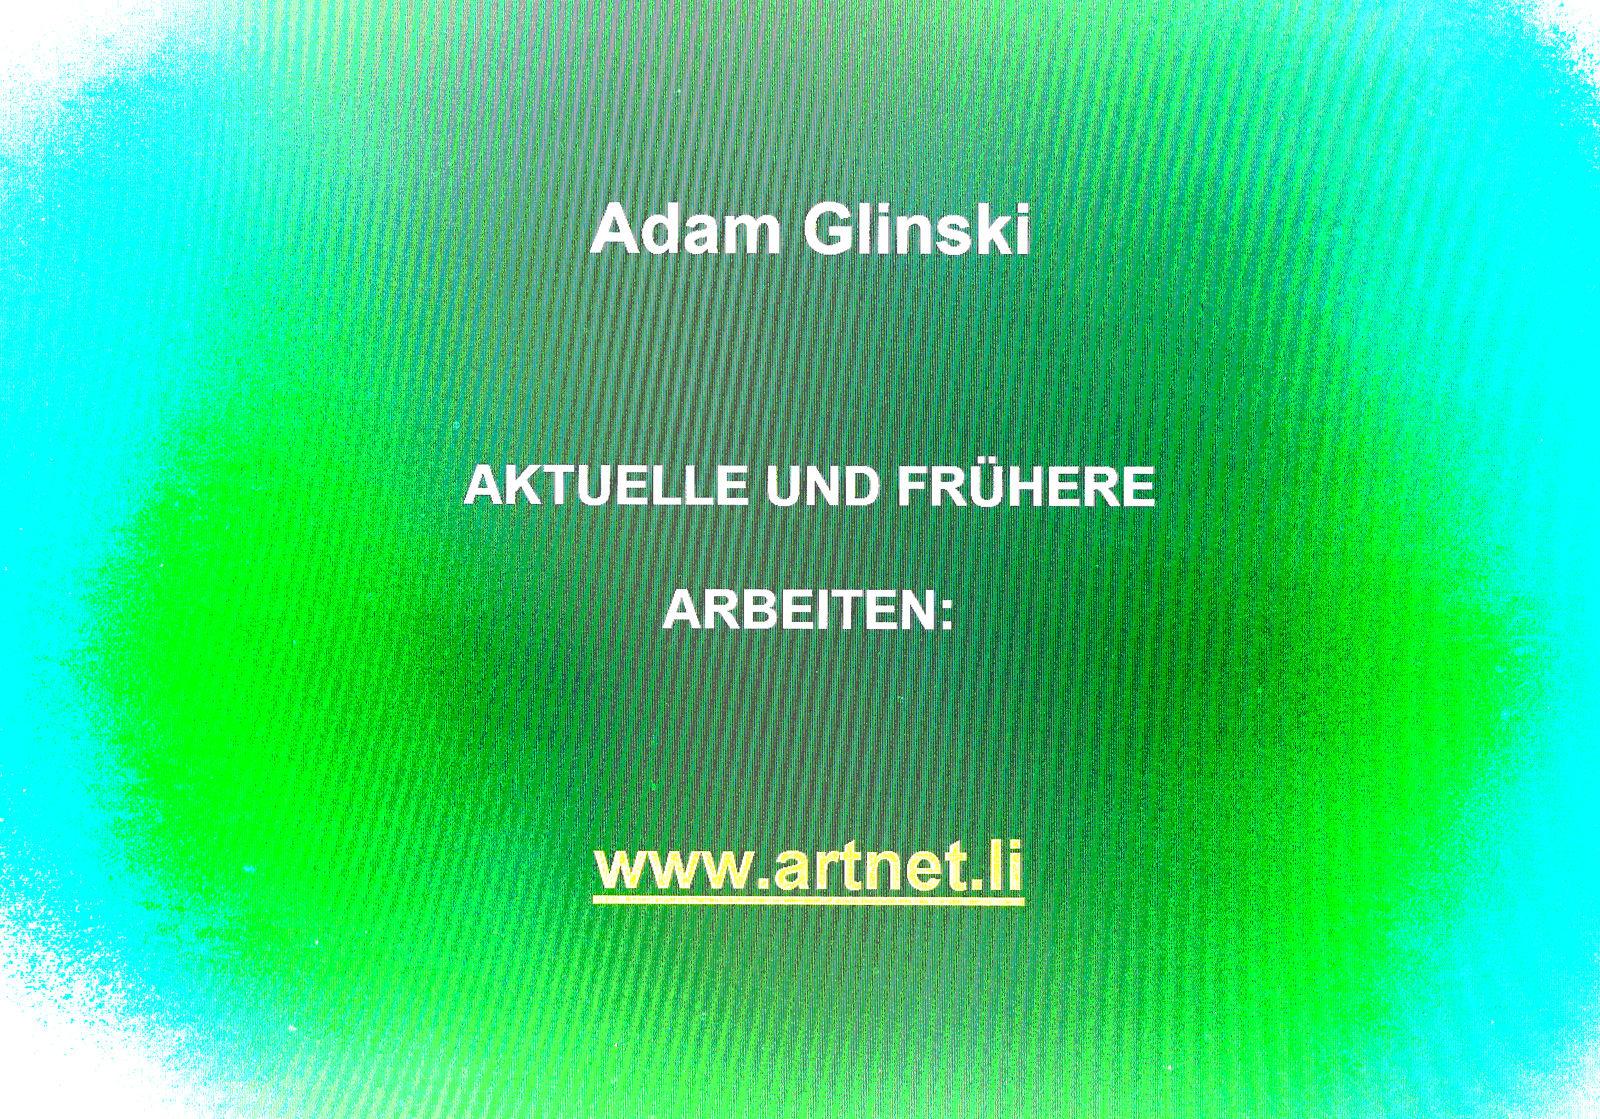 IMG_3548d-1600-a-DE-5.jpg